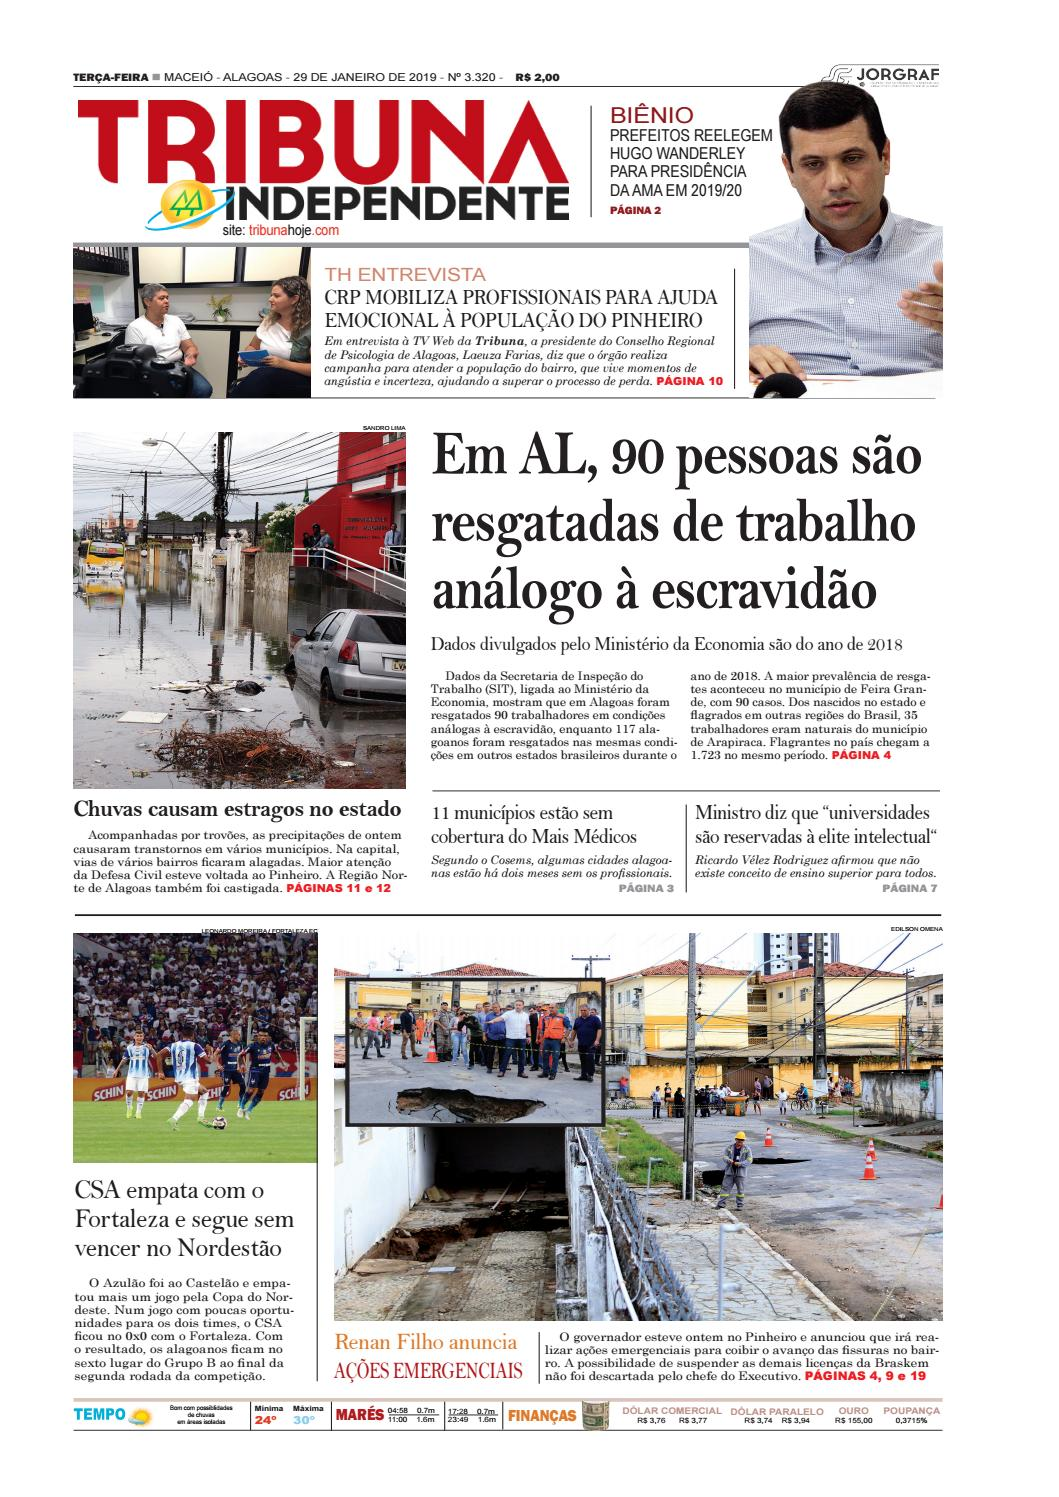 8e534c79da928 Edição número 3320 - 29 de janeiro de 2019 by Tribuna Hoje - issuu